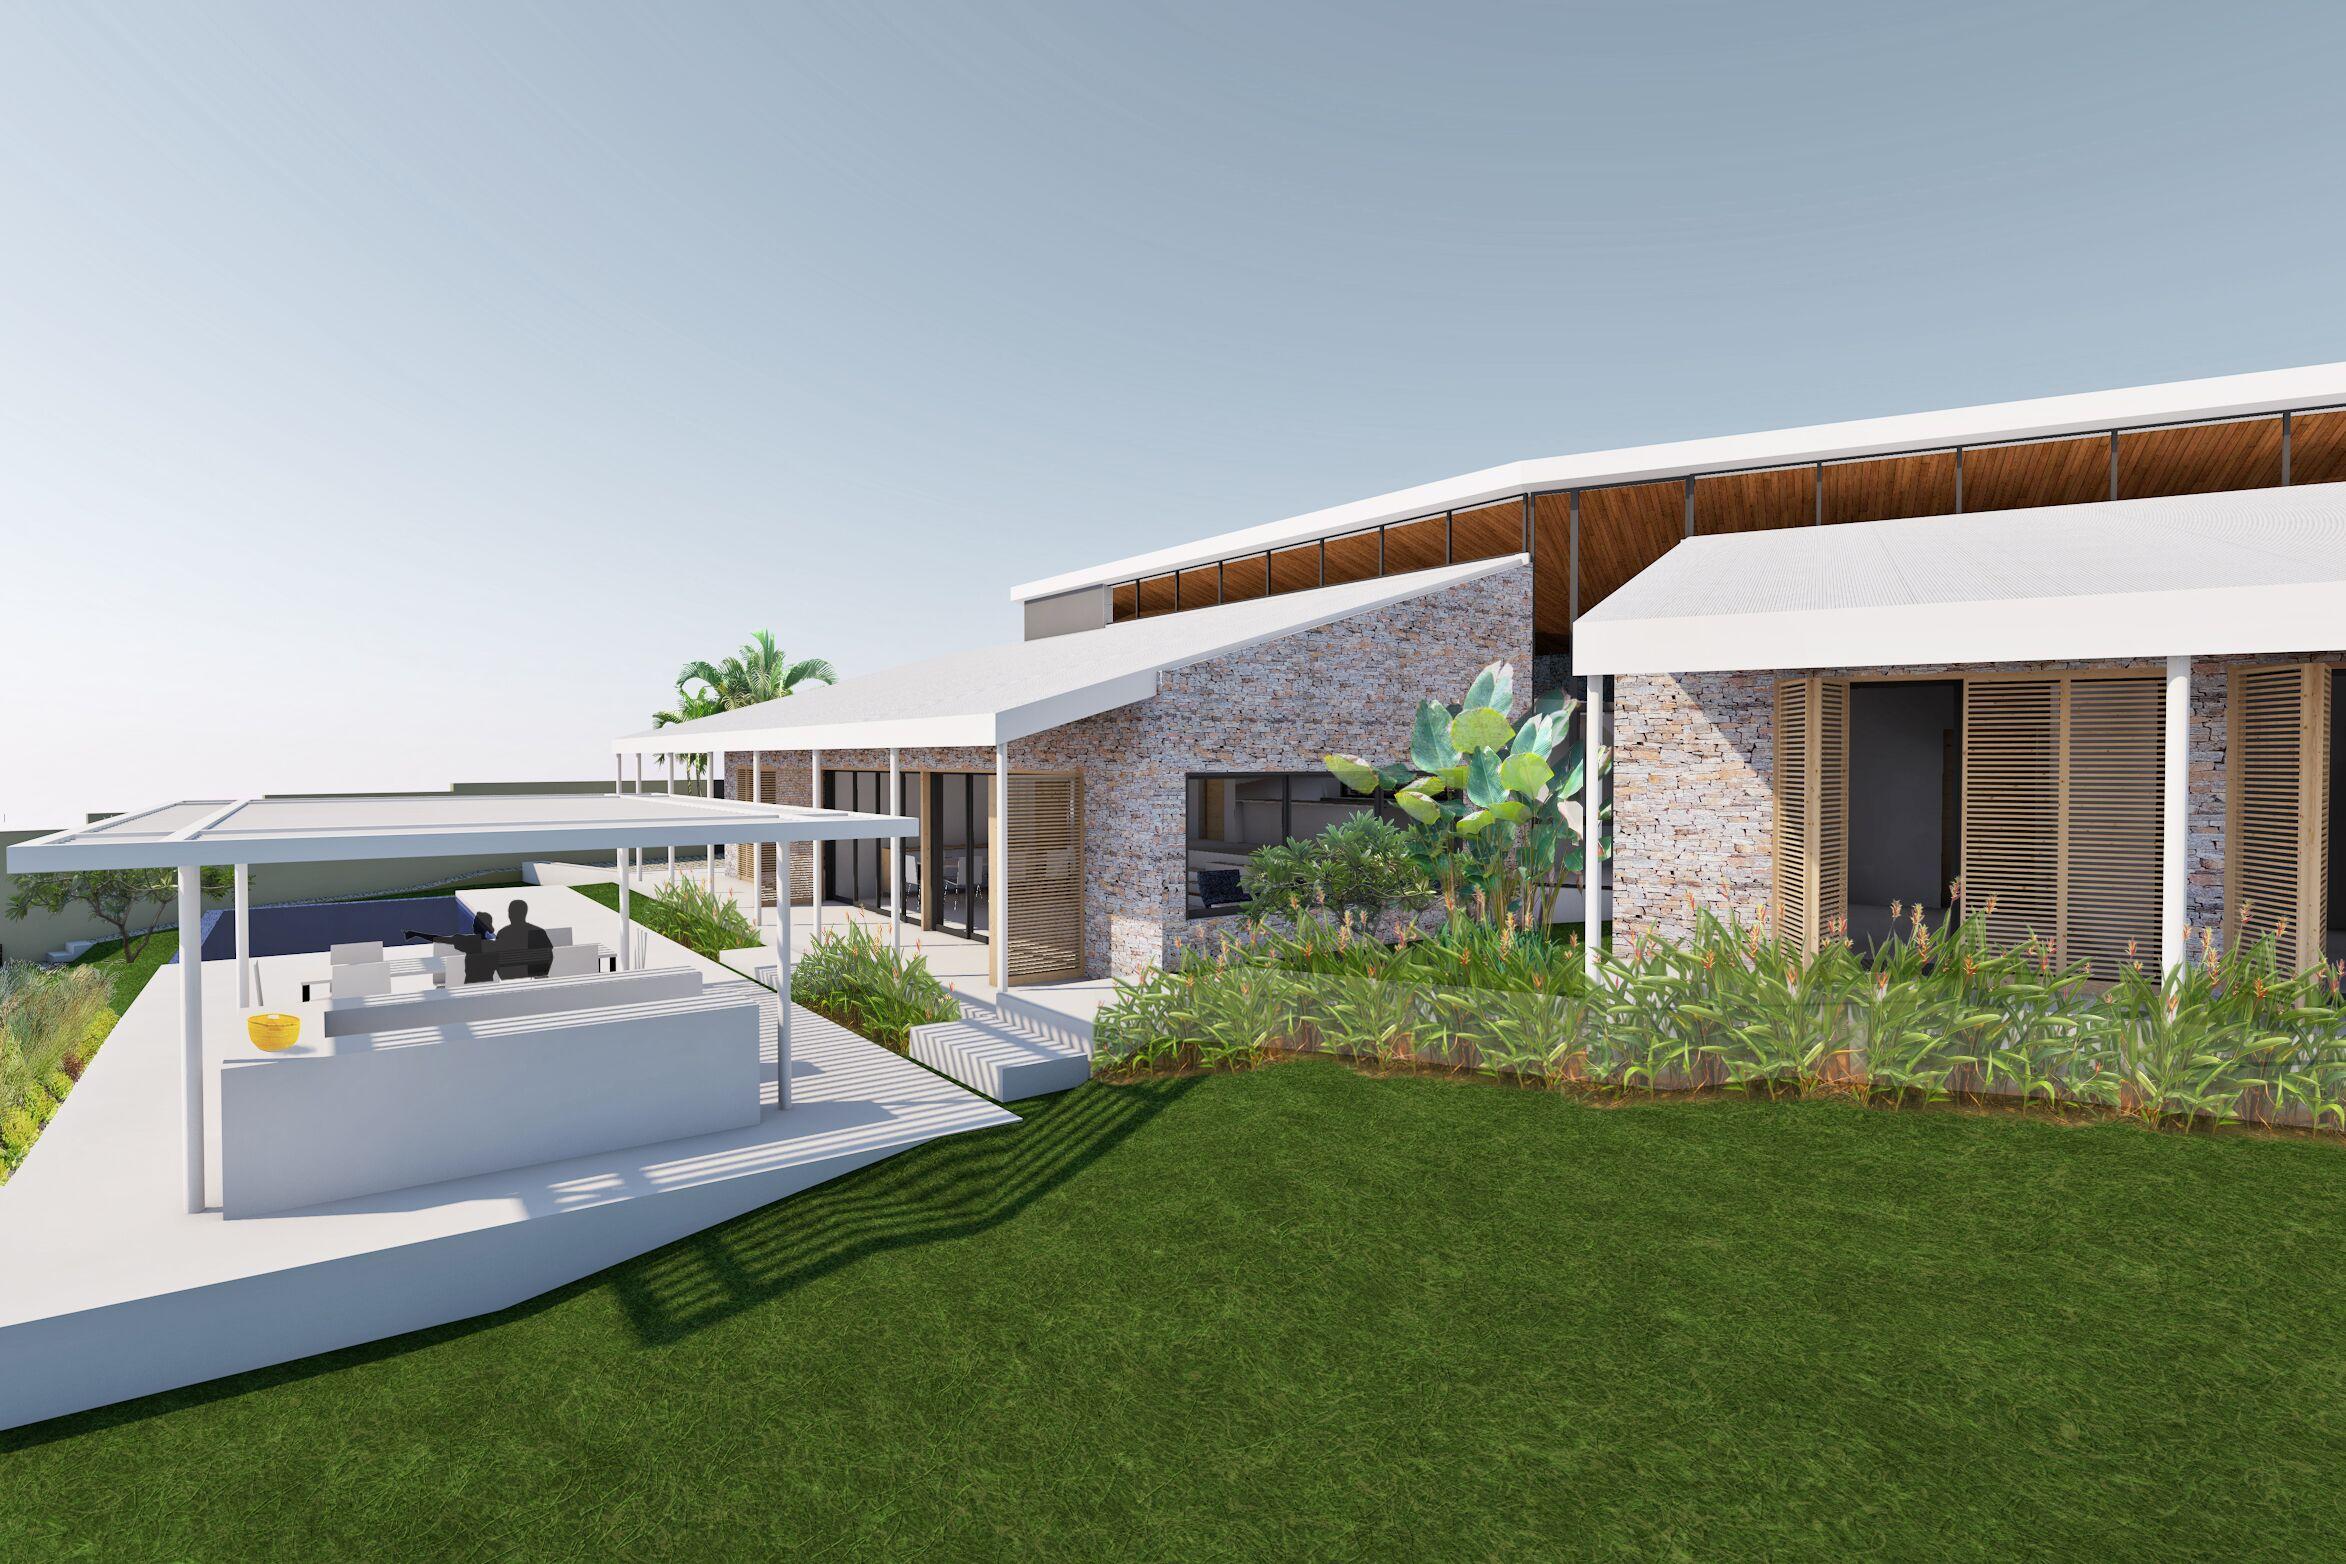 Private house in Kibagabaga